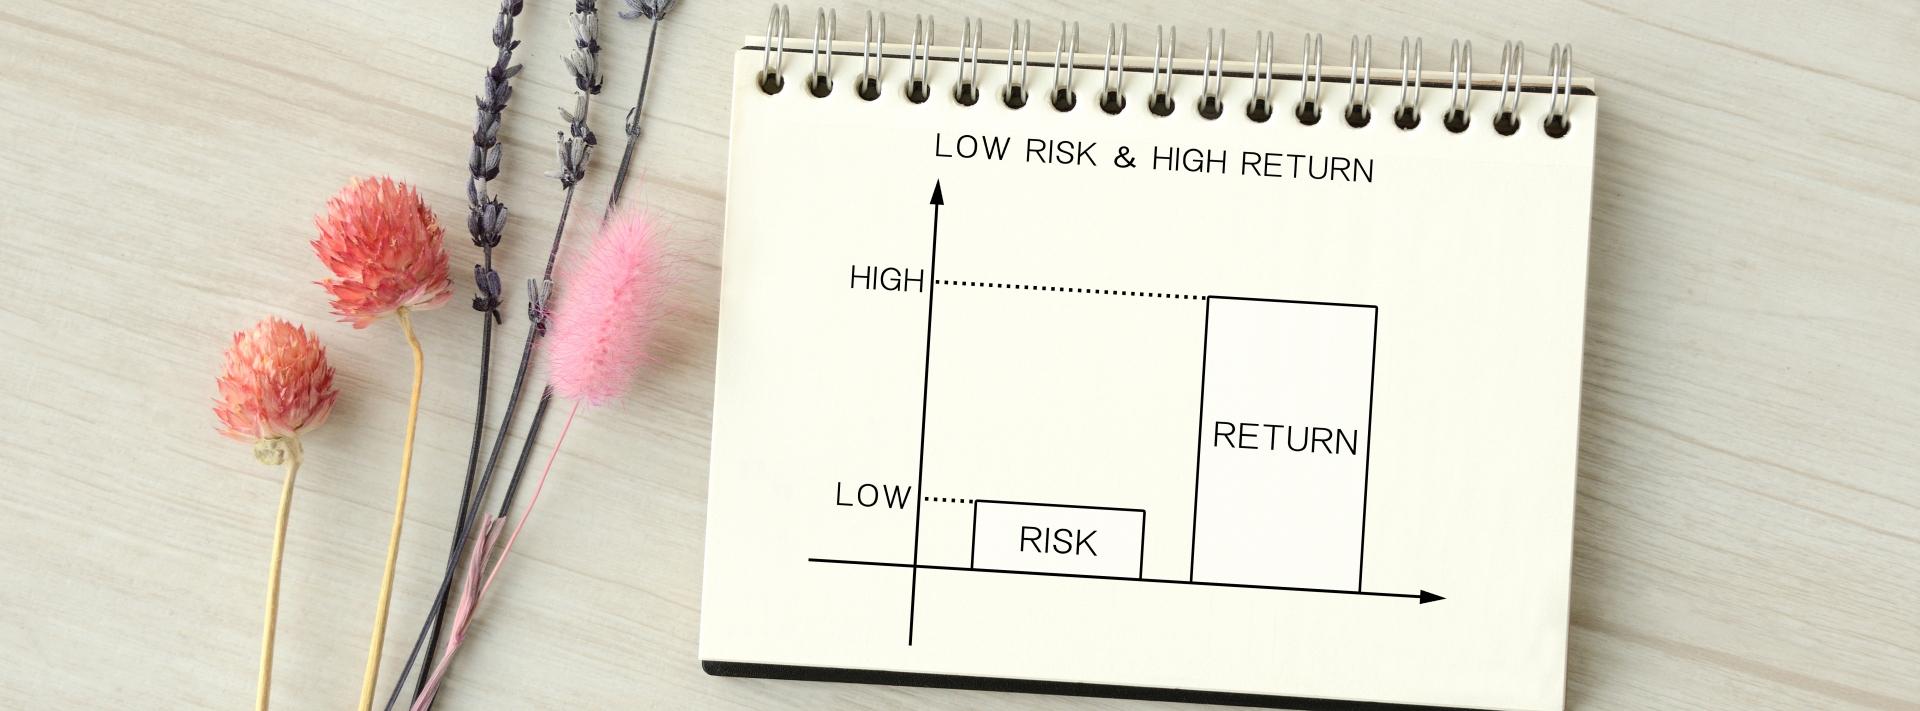 家計調査年報からわかる高齢者世帯の実態は?|新おとな学 snias.com